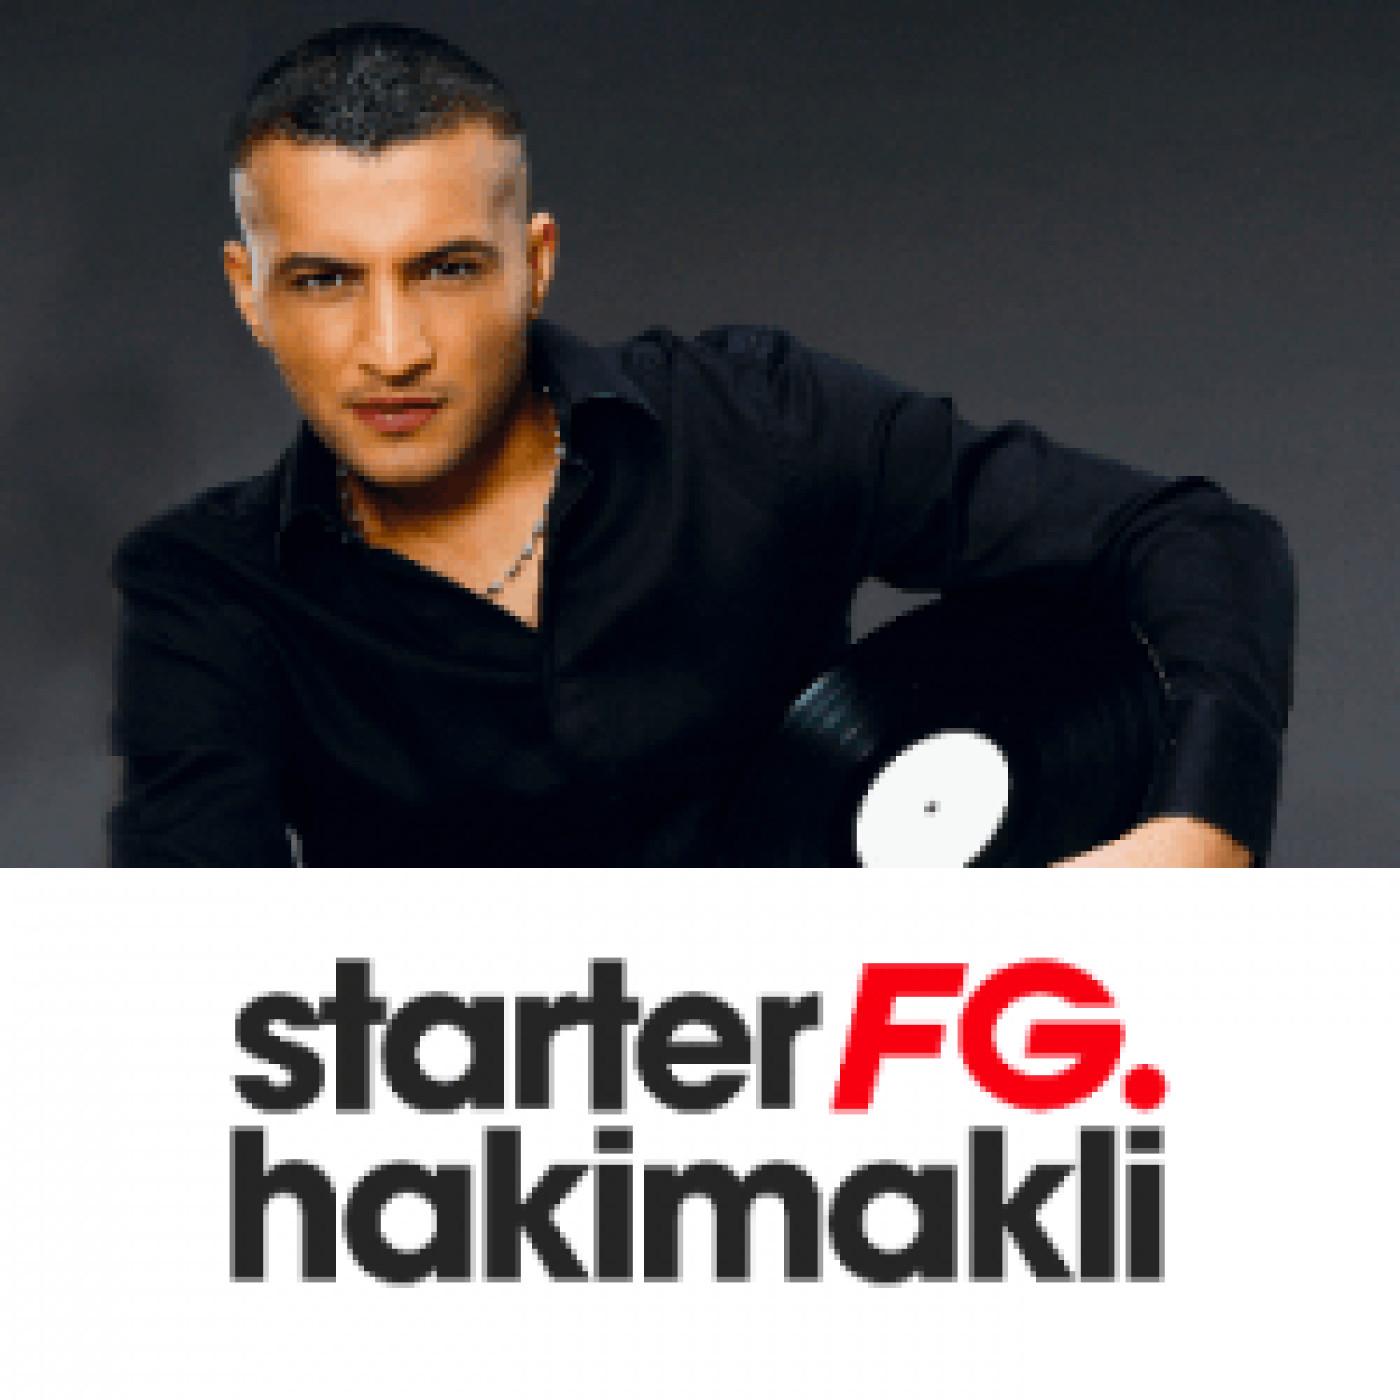 STARTER FG BY HAKIMAKLI JEUDI 14 JANVIER 2021